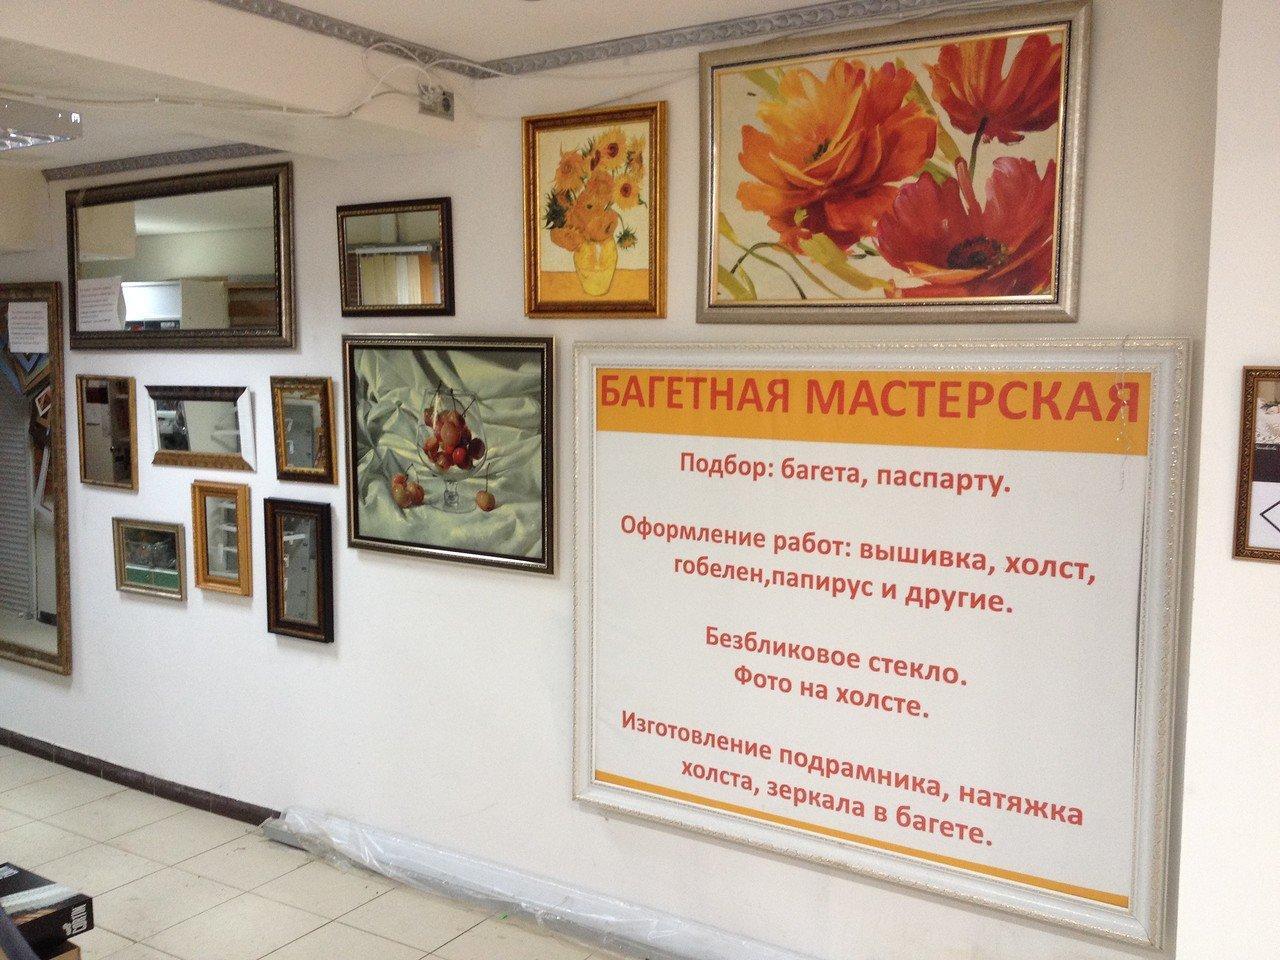 фотография Багетной мастерской Врамку на Ташкентской улице, 18 к 1